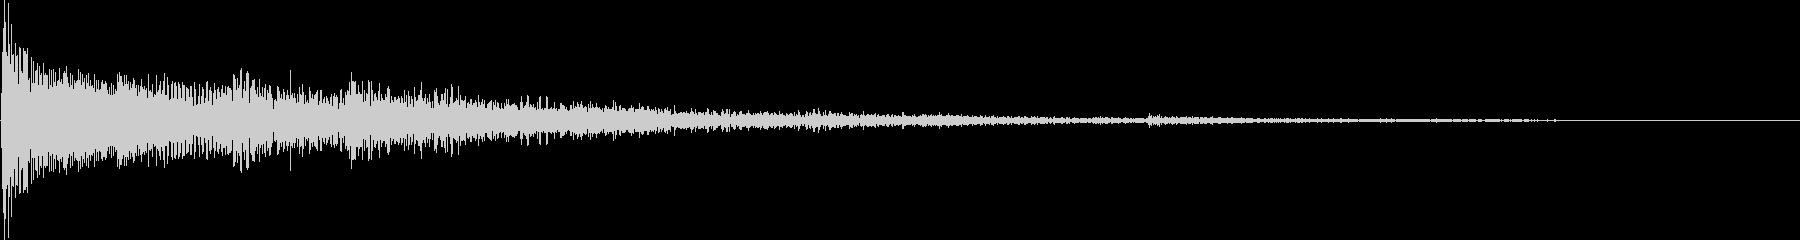 サウンドロゴ メロディック 不穏の未再生の波形